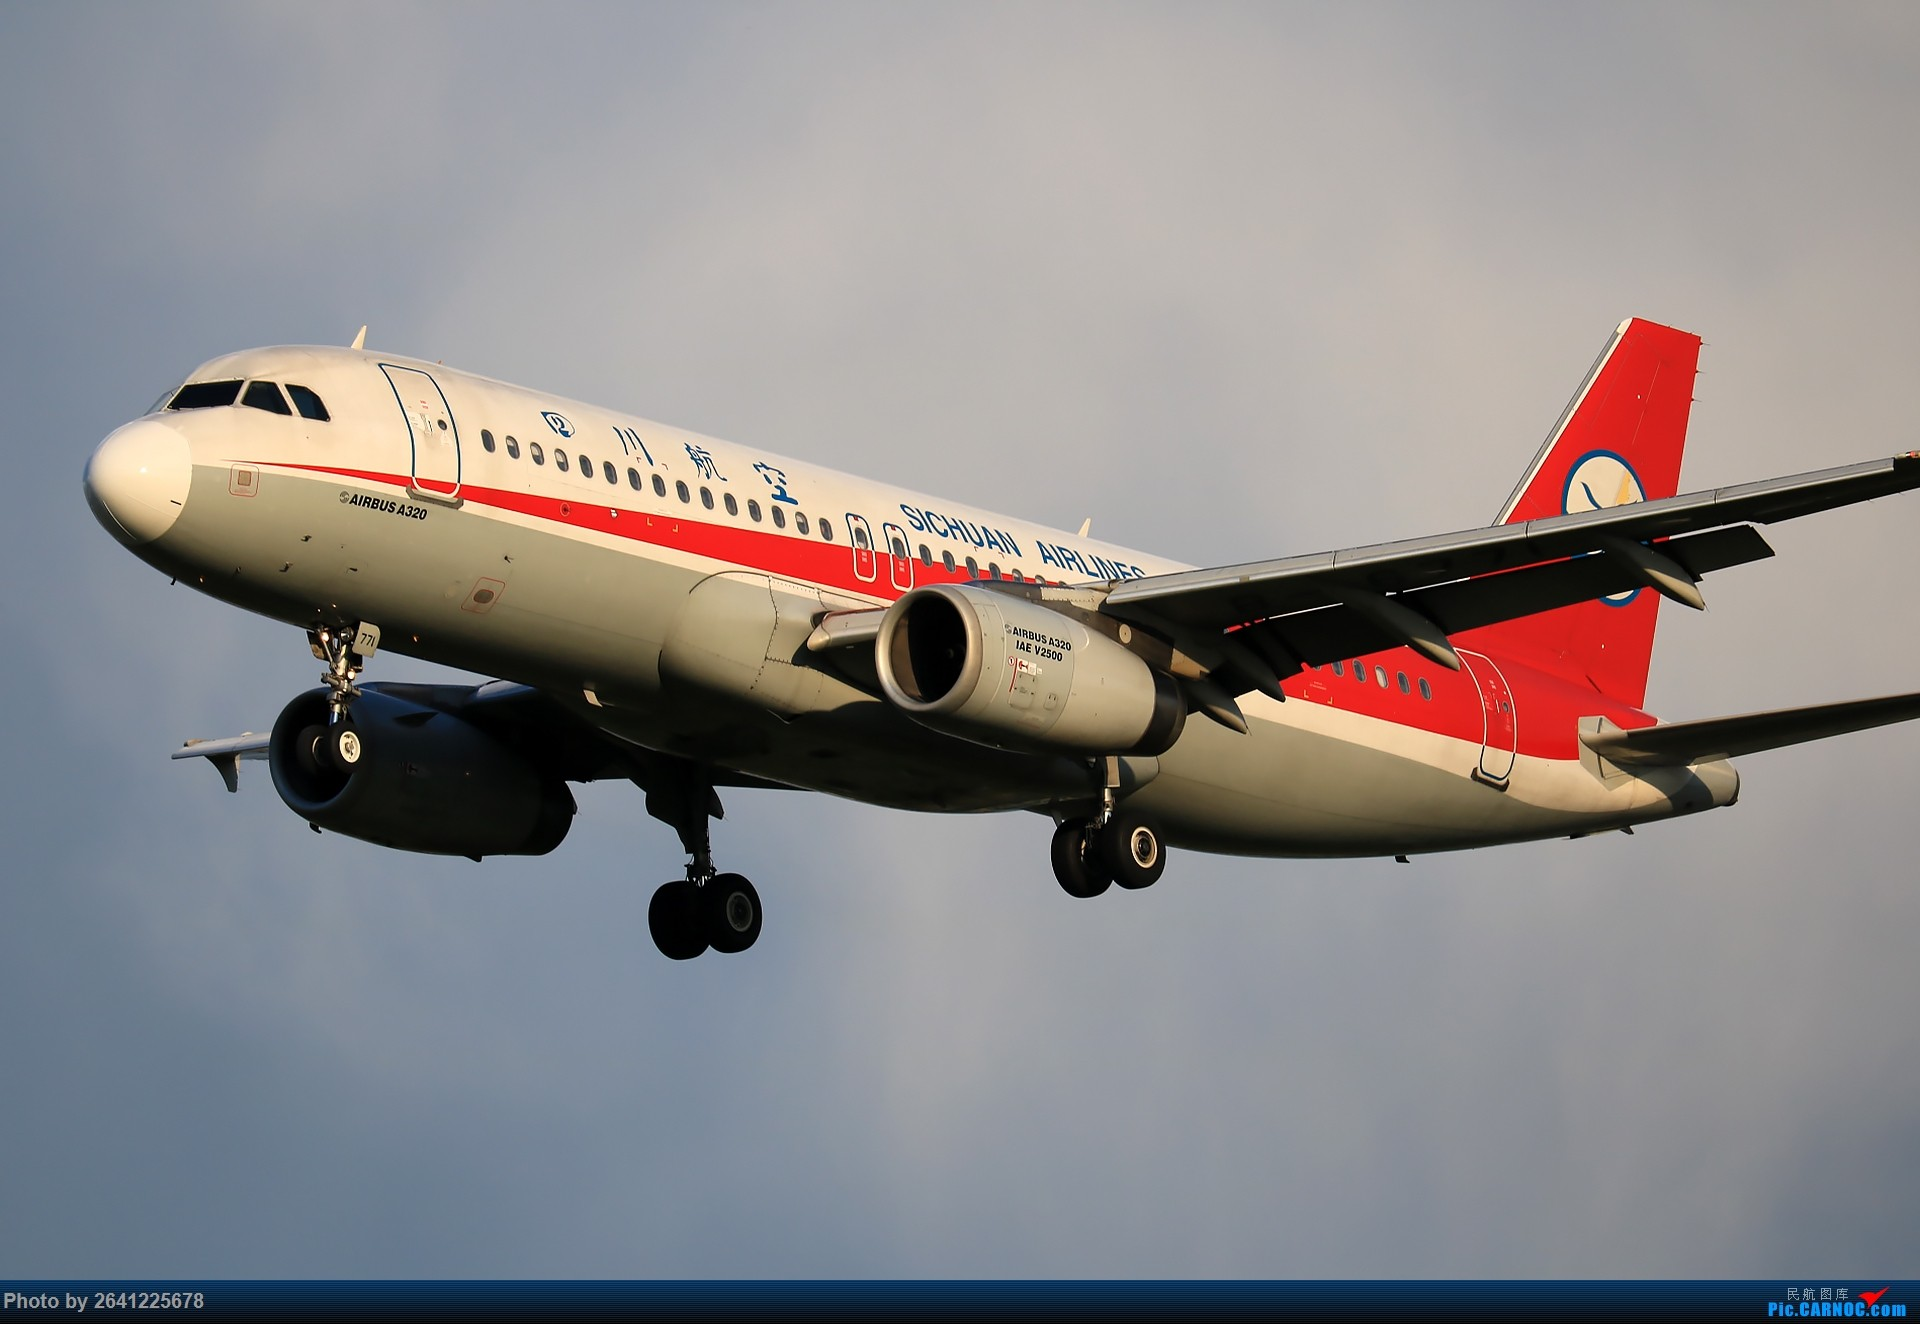 Re:[原创]【PEK】趁着水晶天去拍机(9 pics) AIRBUS A320-200 B-6771 中国北京首都国际机场